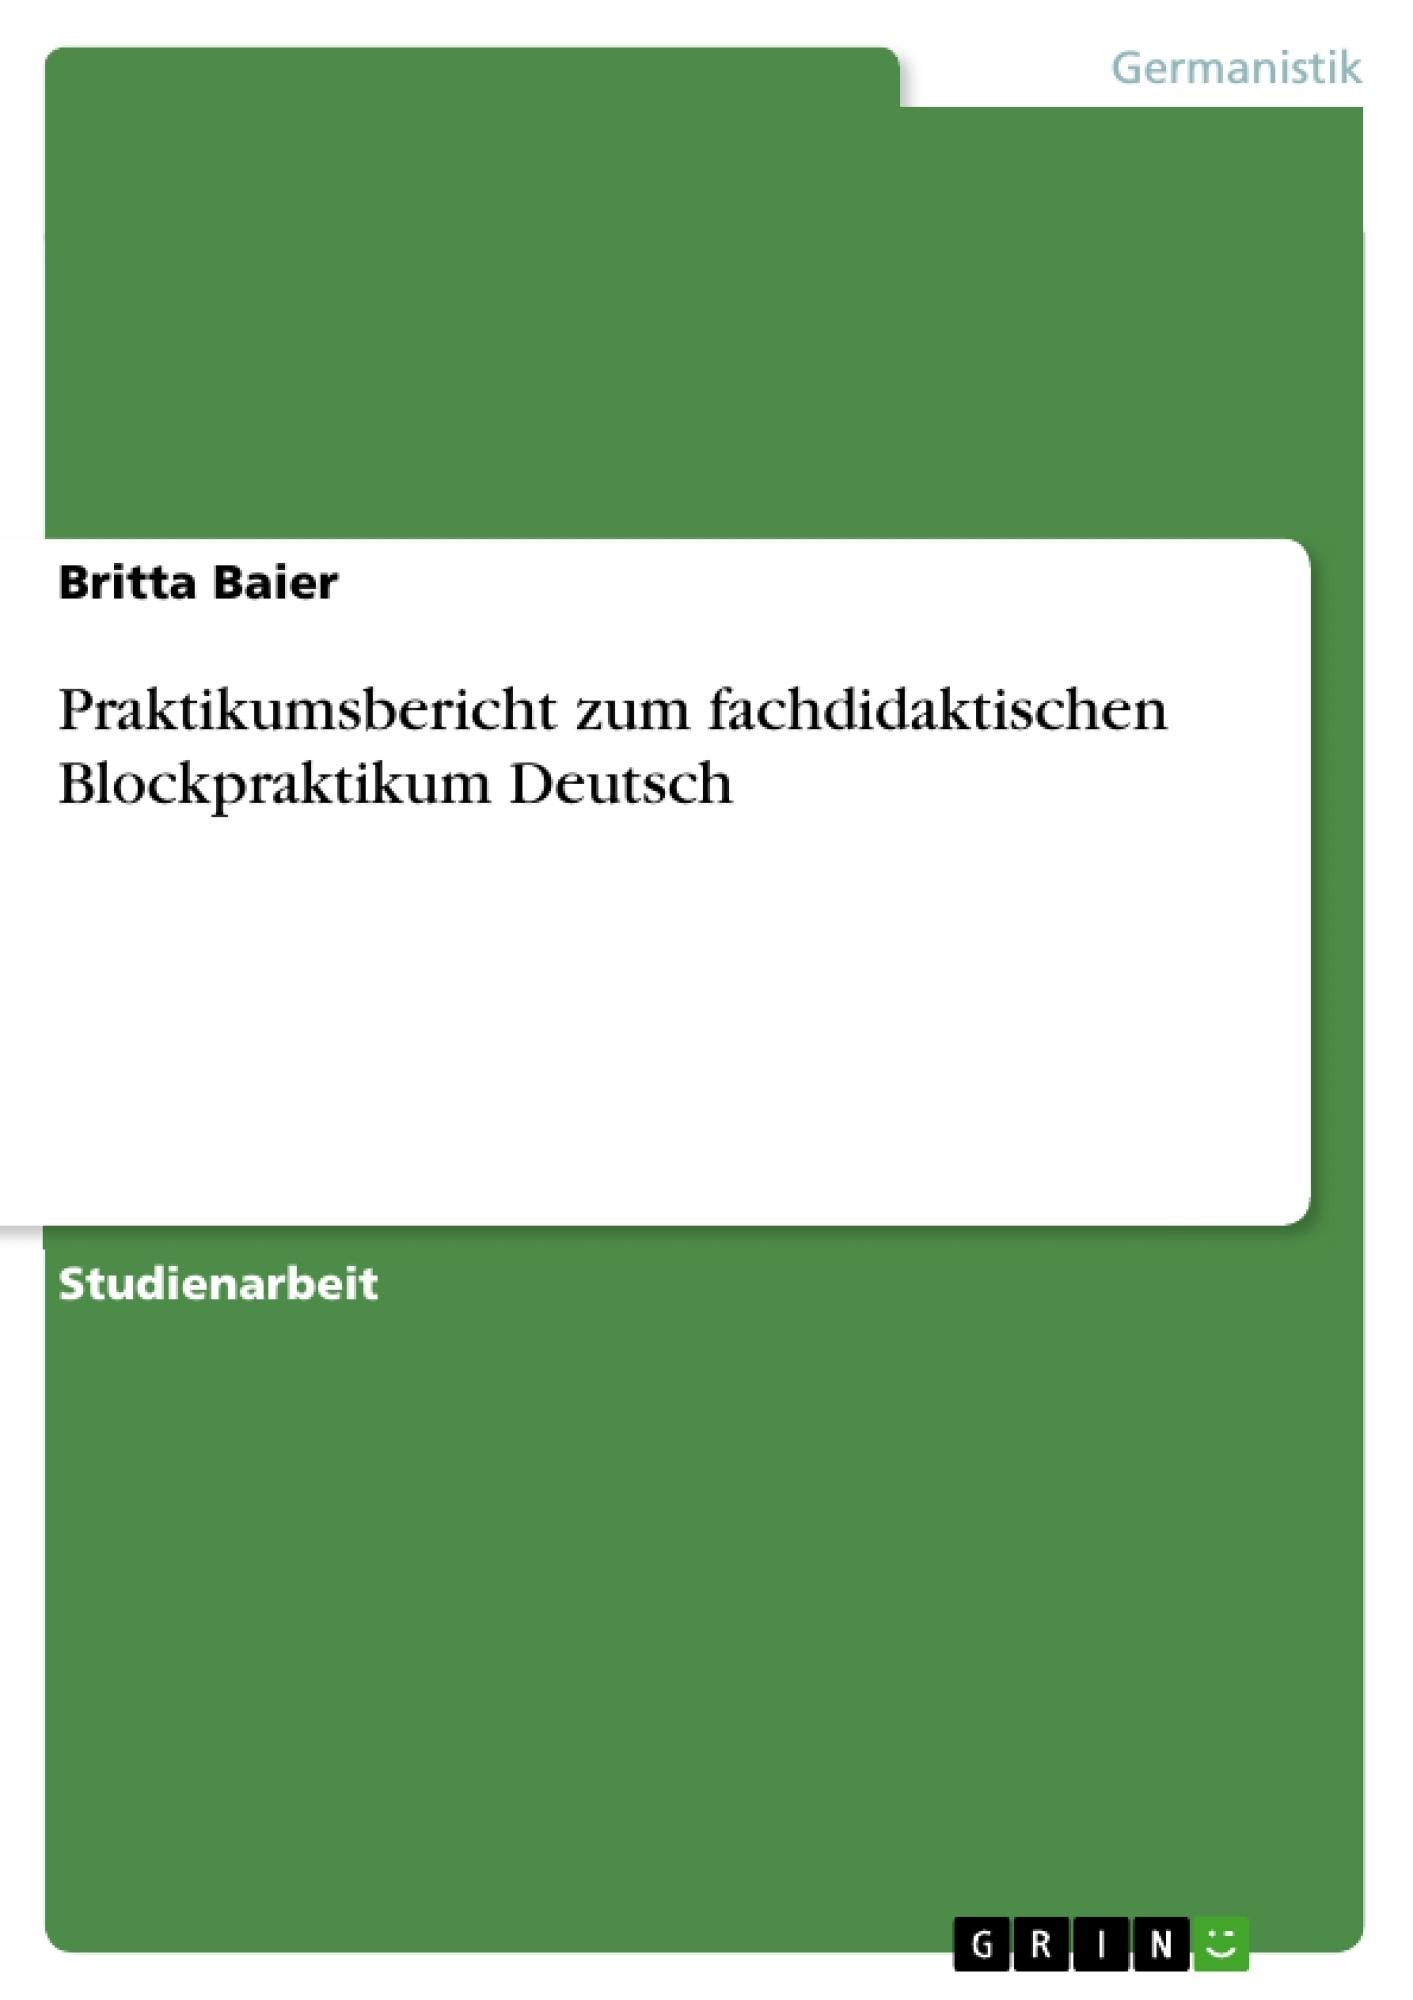 Titel: Praktikumsbericht zum fachdidaktischen Blockpraktikum Deutsch